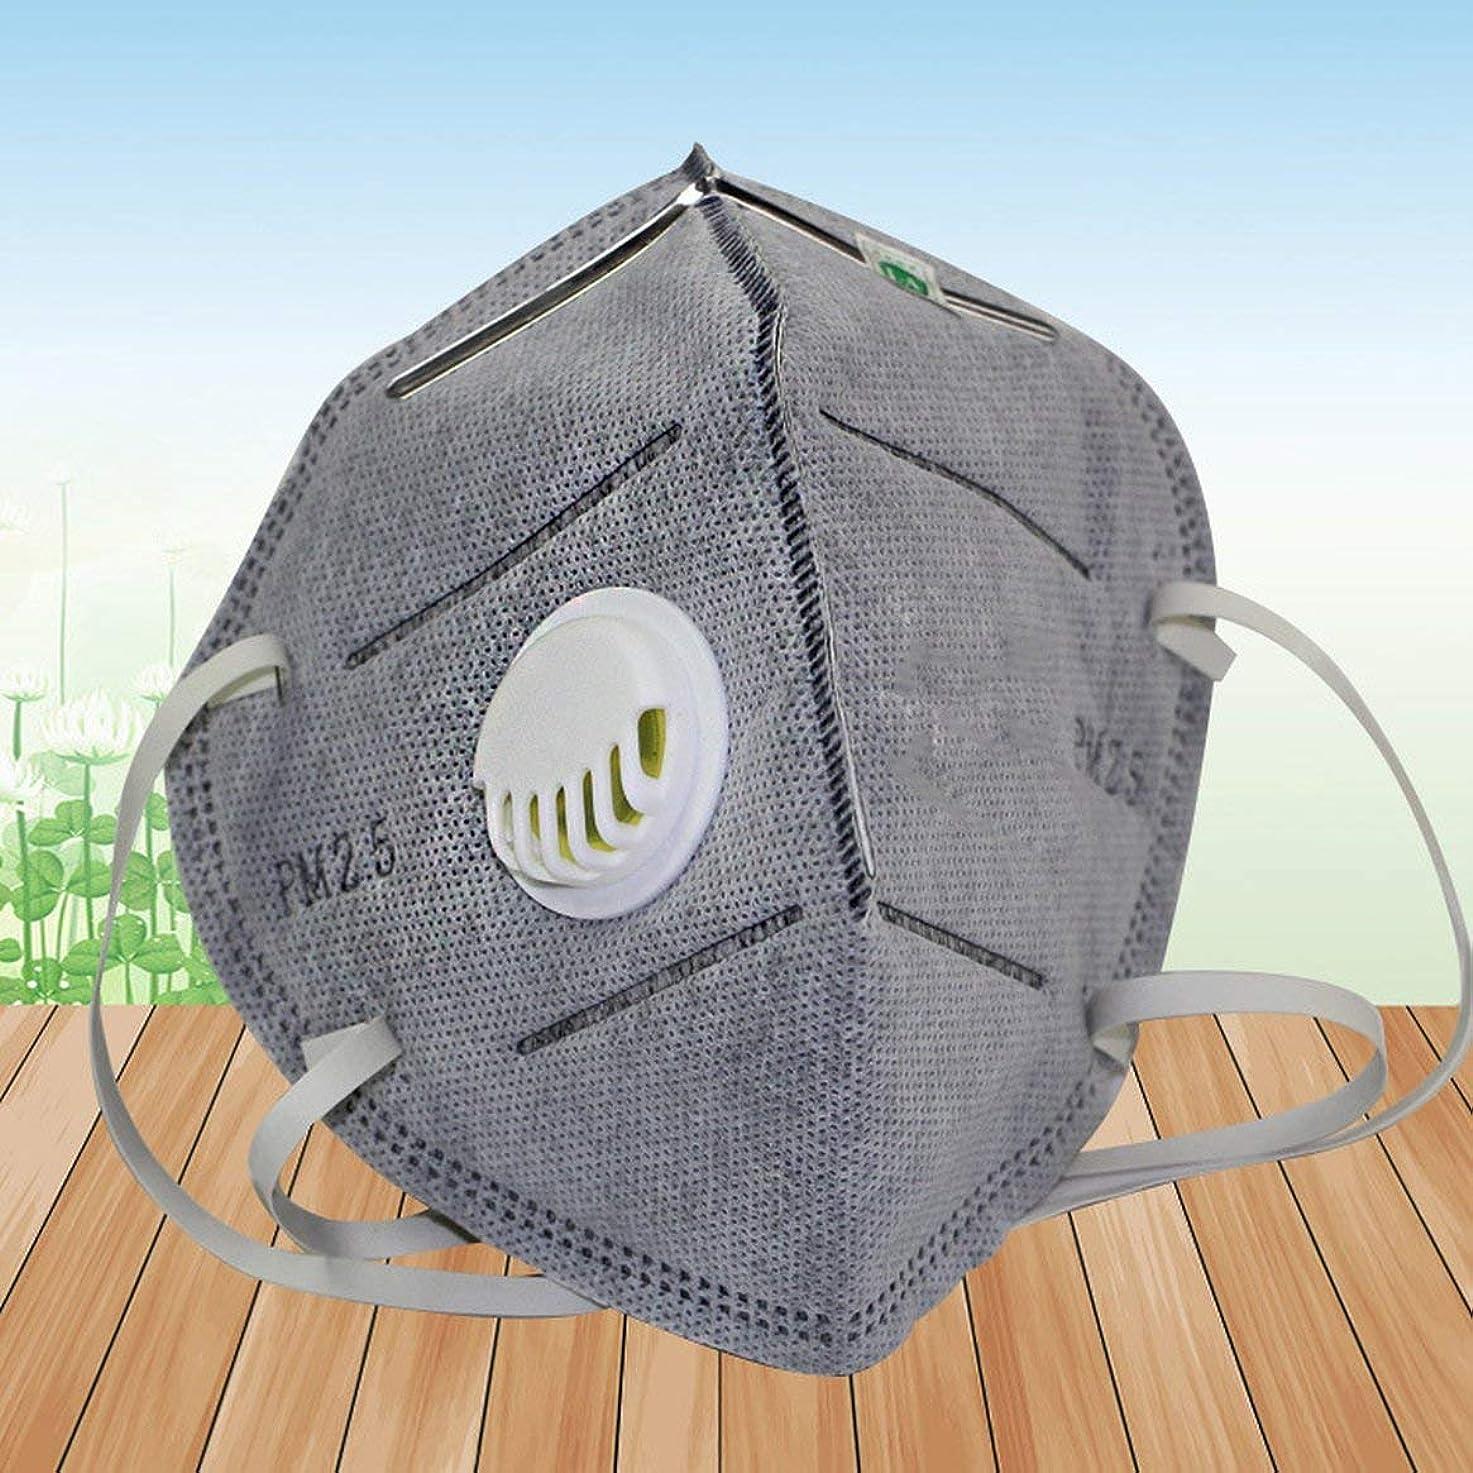 十分海嶺殺人活性炭PM2.5防曇およびヘイズ保護マスク9042V(ヘッドセット)健康および美容パーソナルケア製品